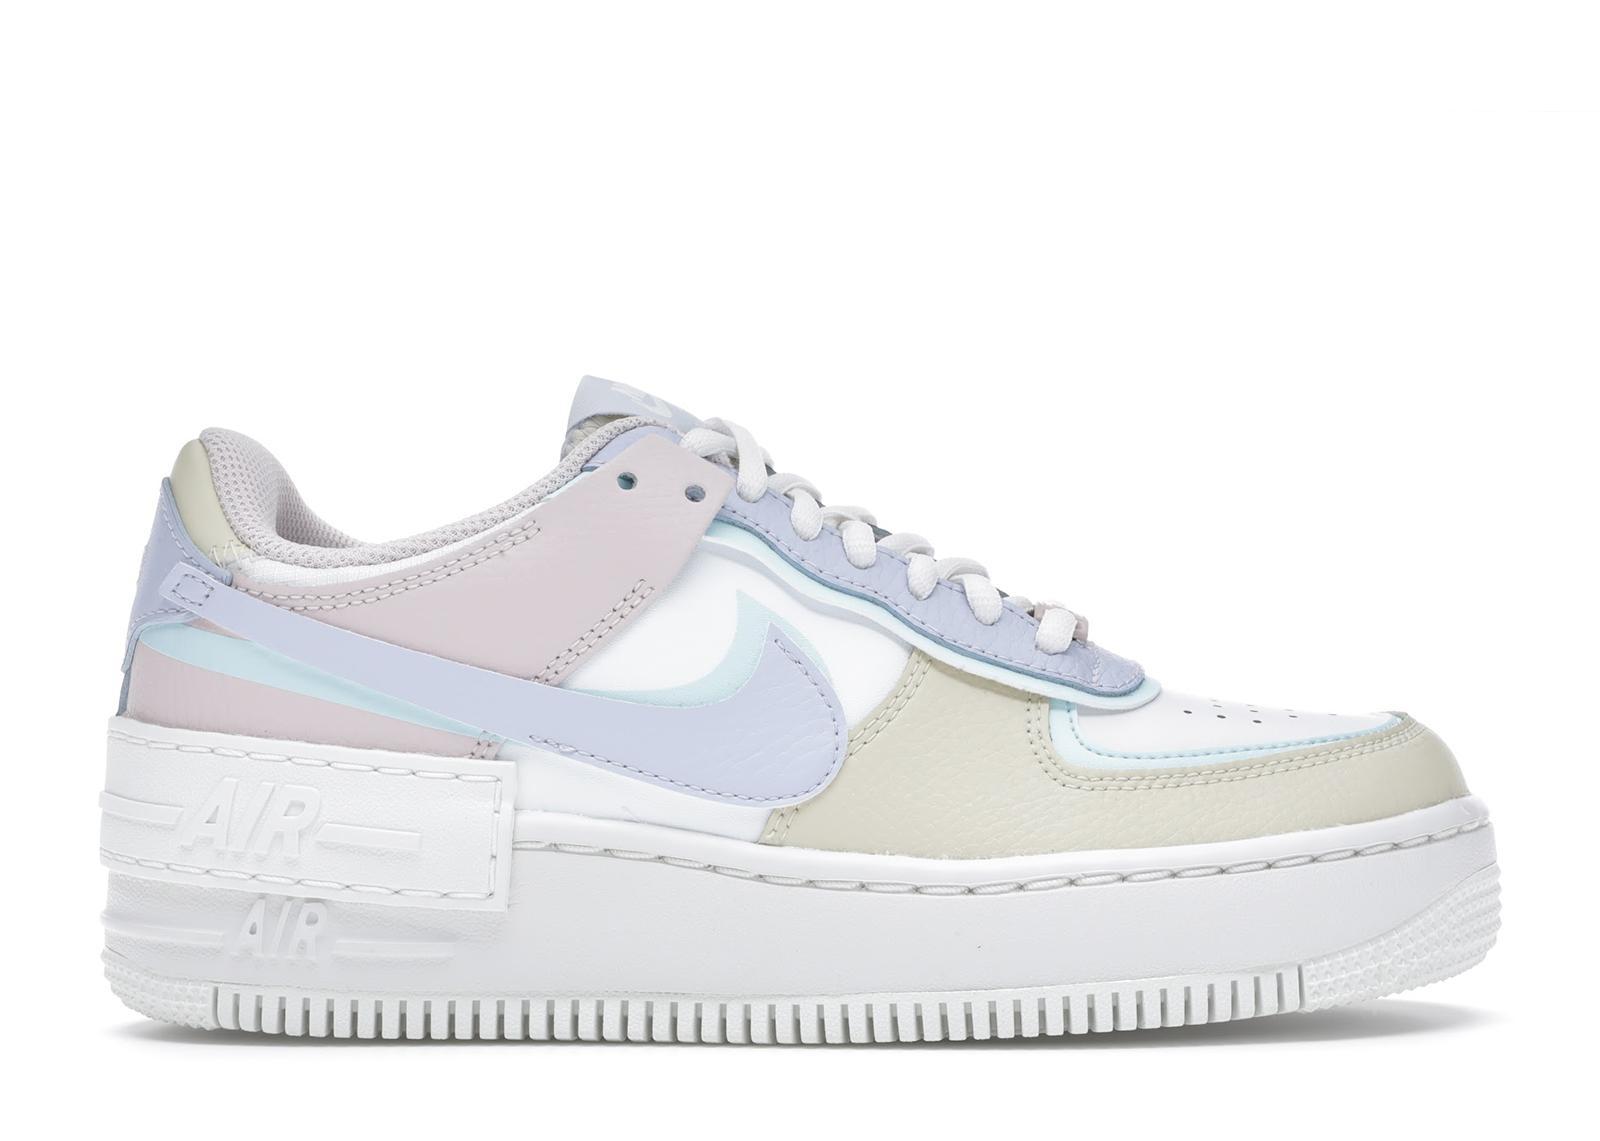 nike air force 1 white blue